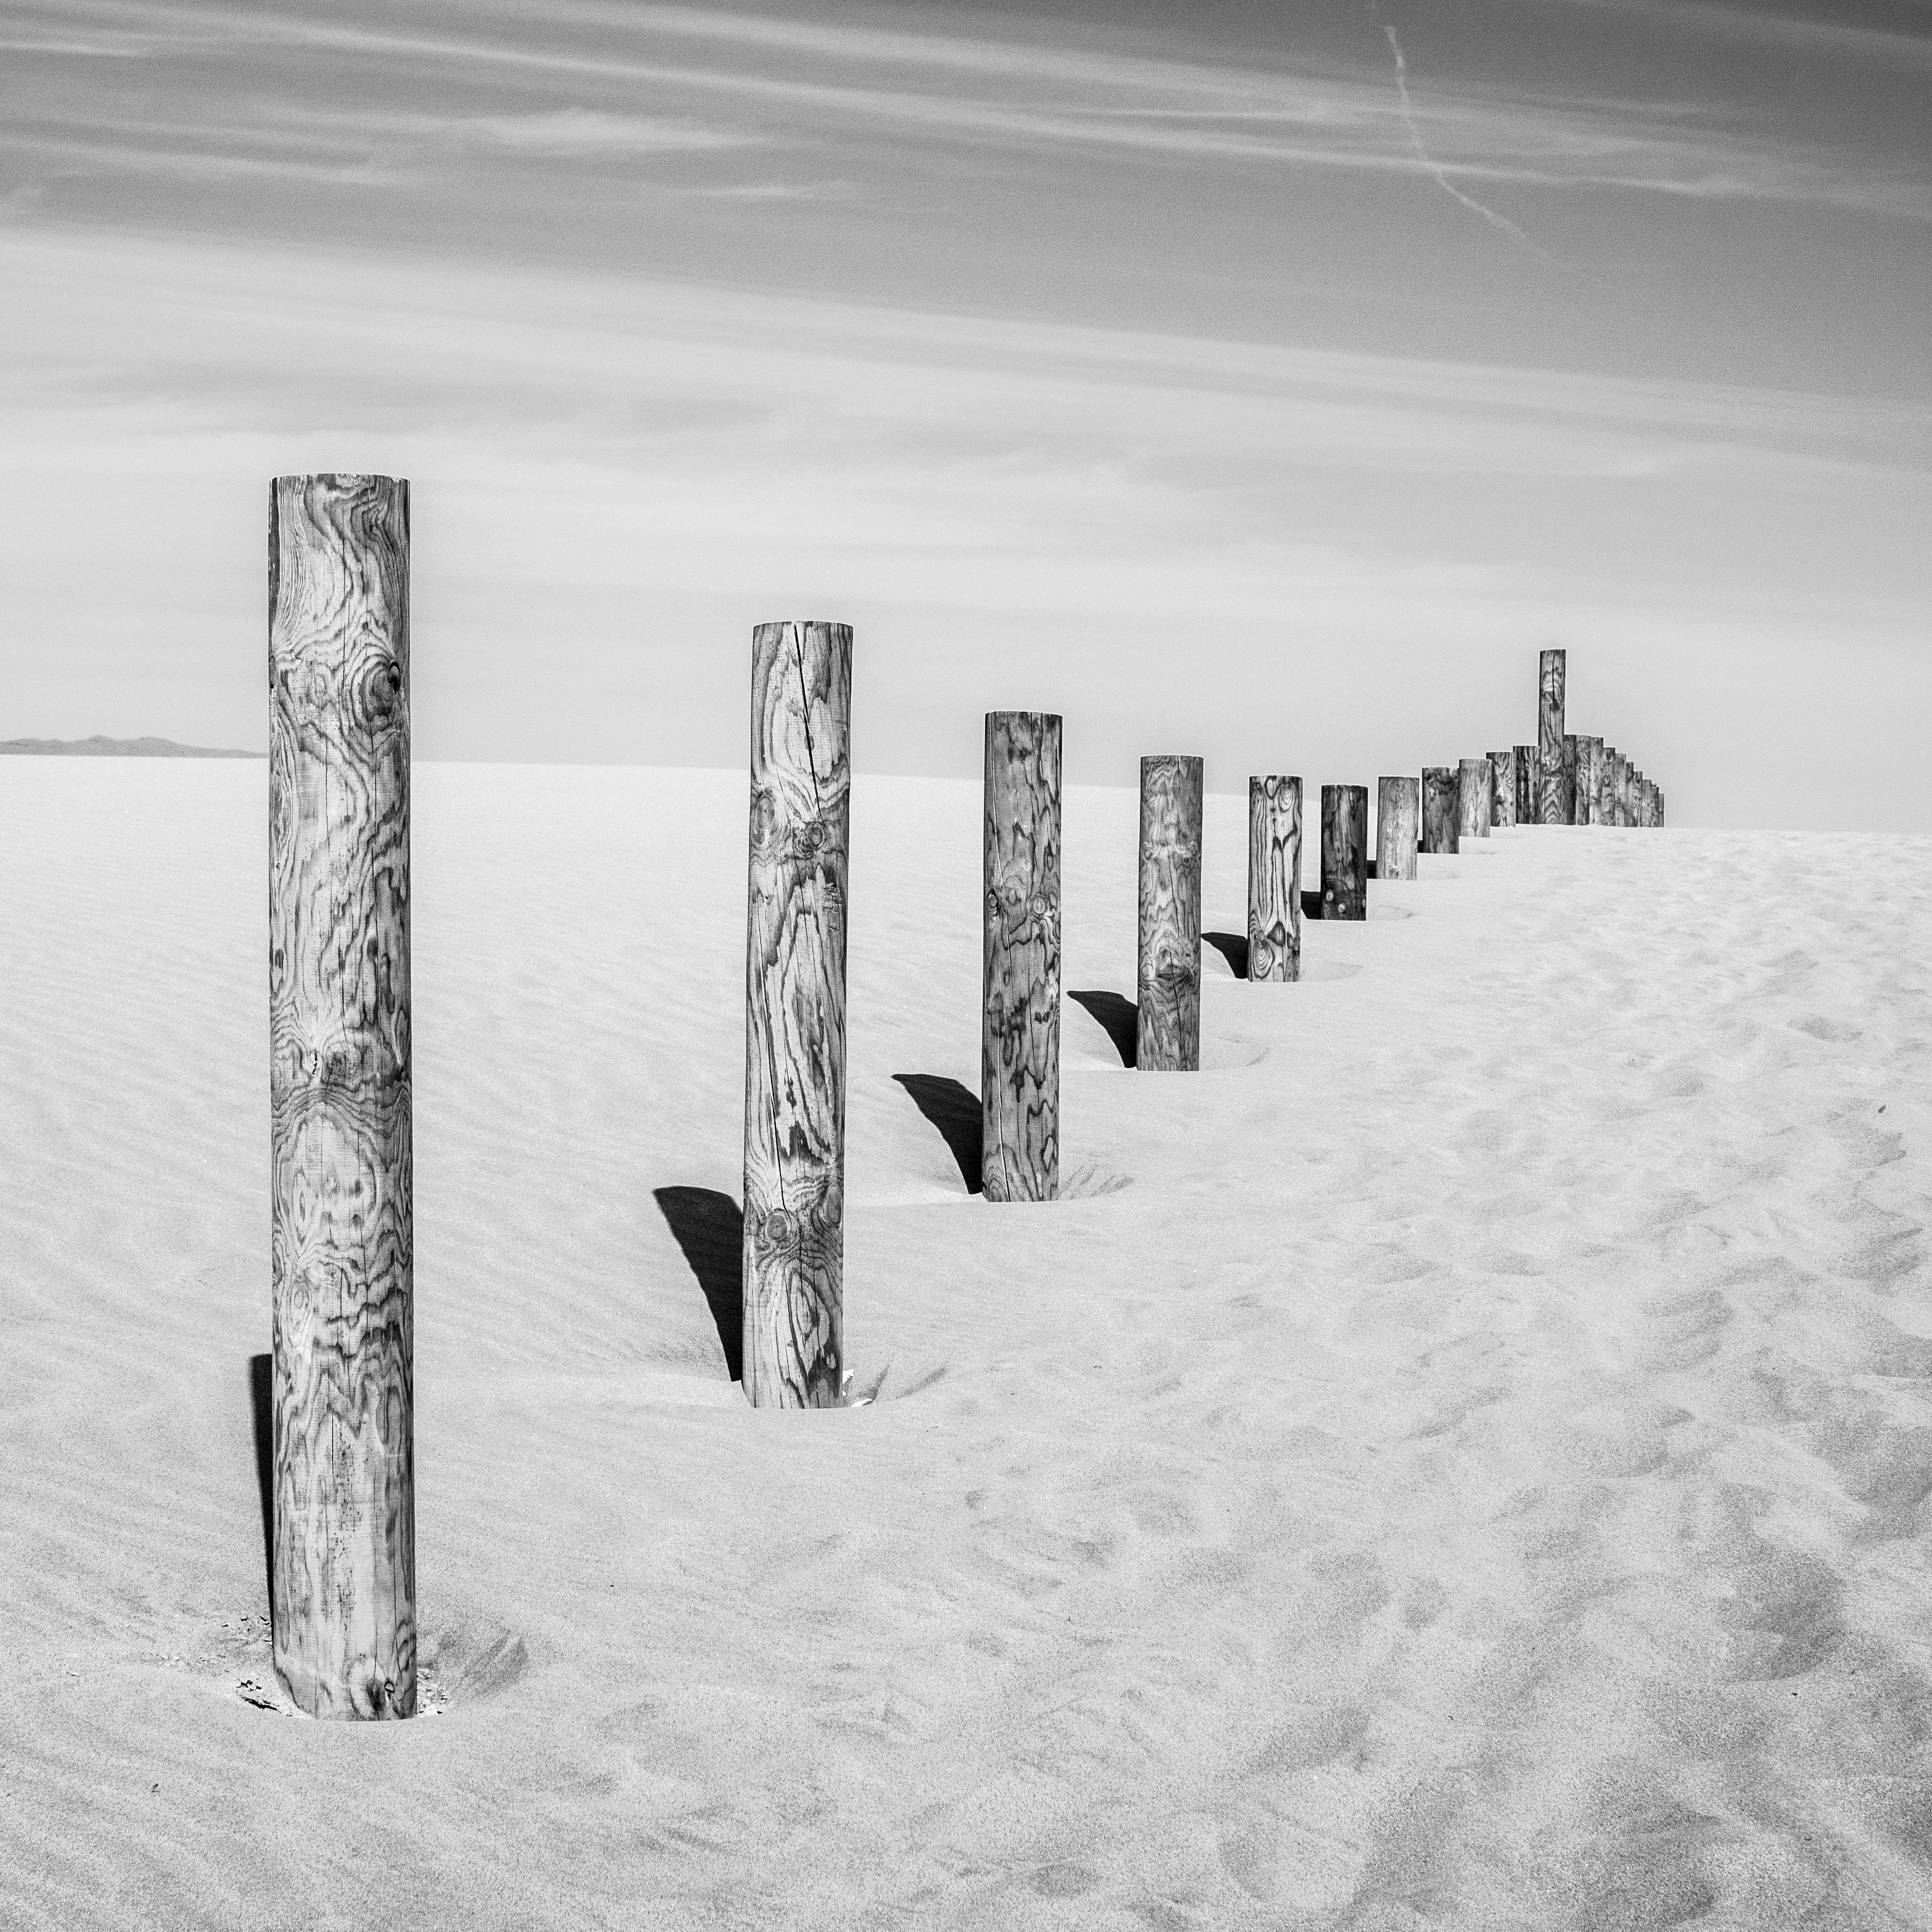 Gambar Pemandangan Alam Bayangan Hitam Musim Dingin